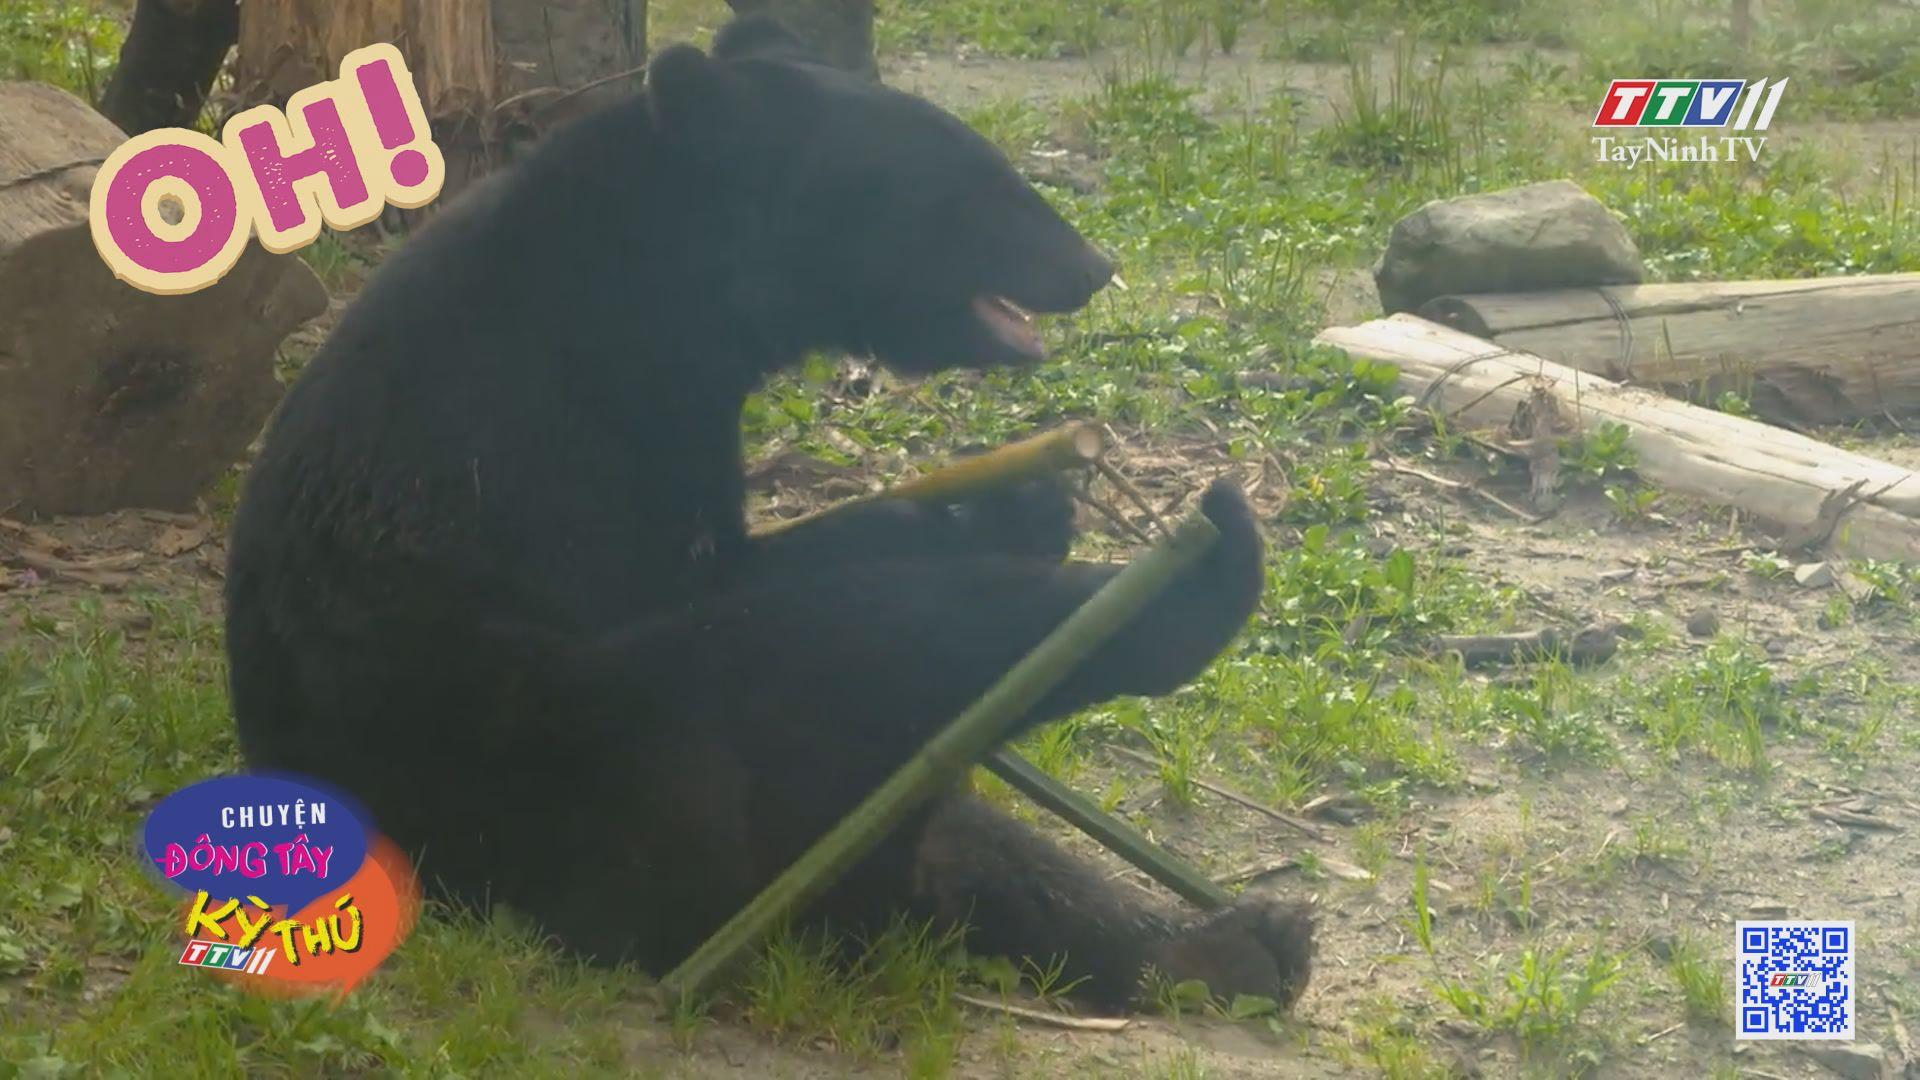 Chú gấu khéo léo sử dụng côn nhị khúc | CHUYỆN ĐÔNG TÂY KỲ THÚ | TayNinhTVE